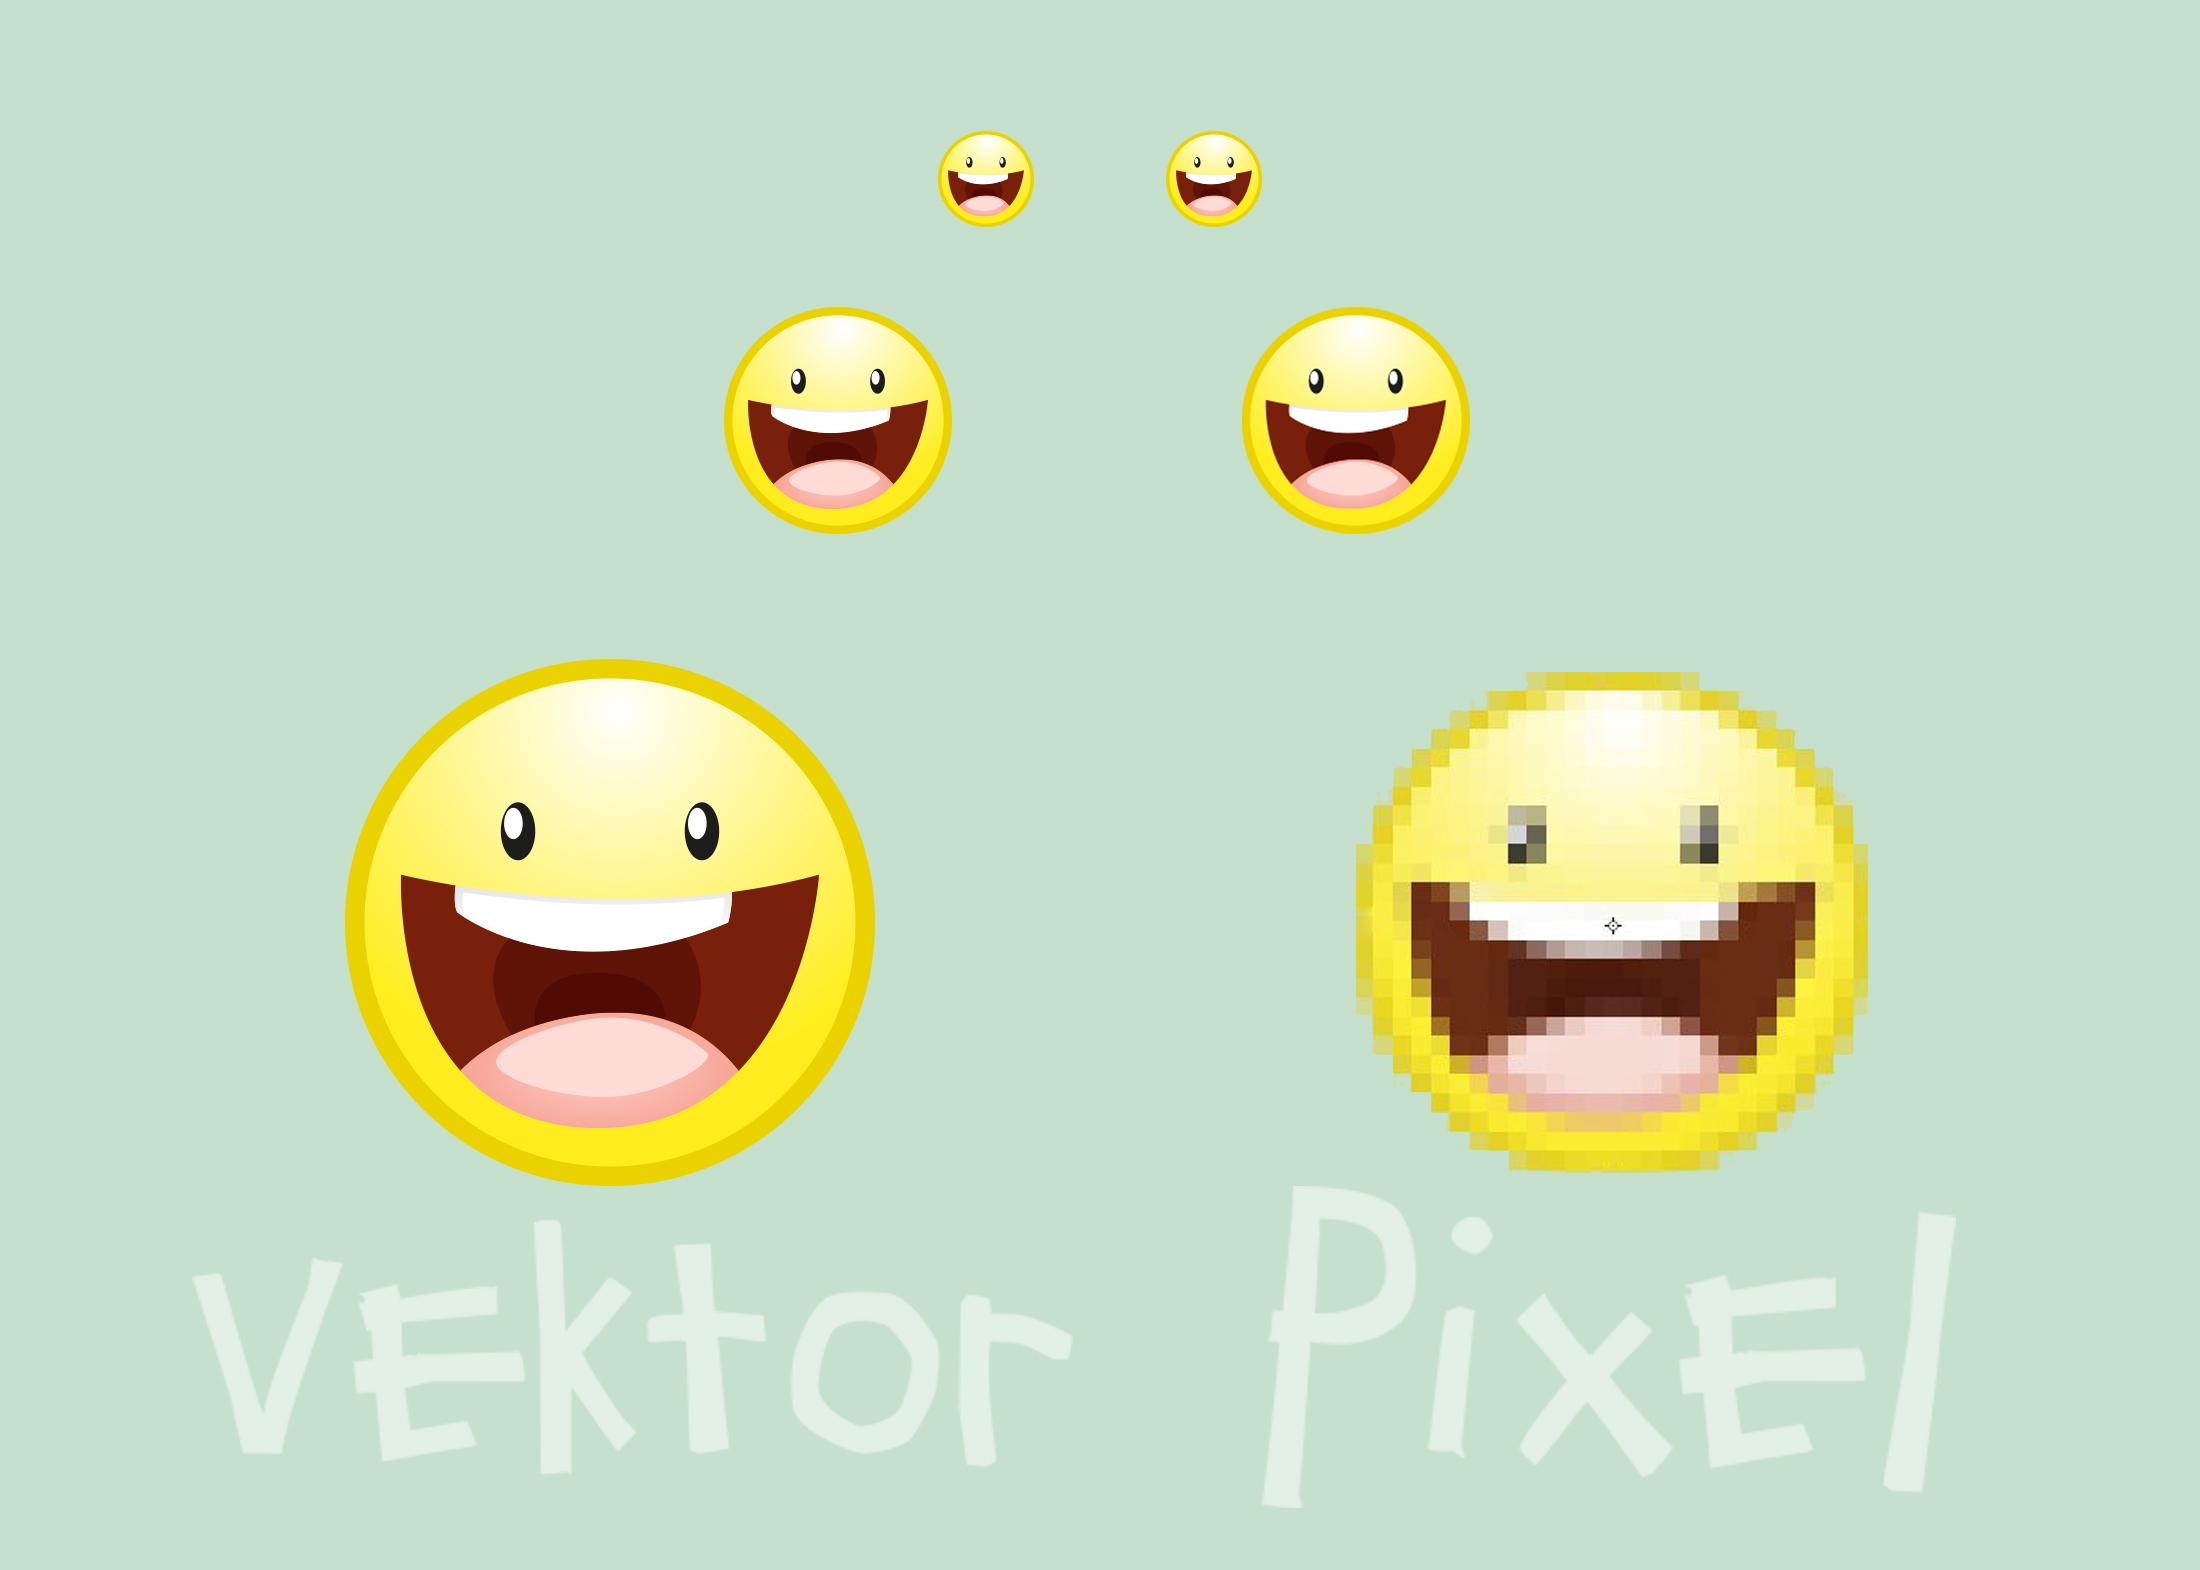 Unterschied Pixel Vektor